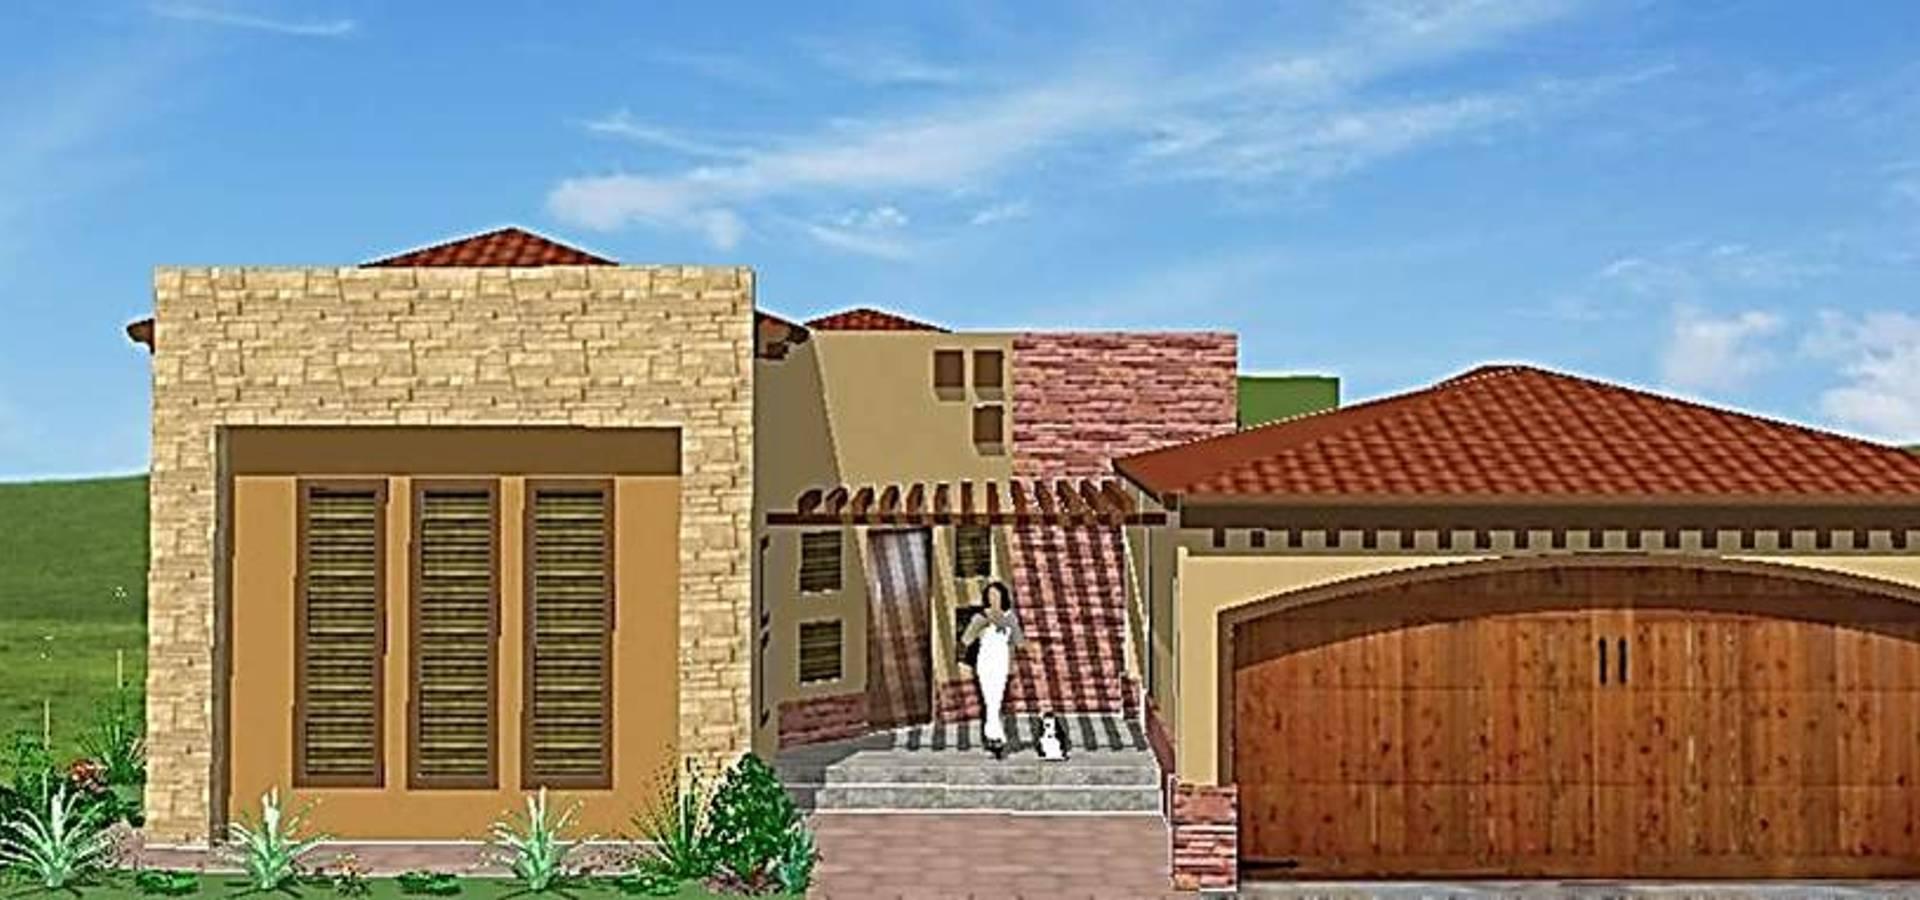 Arquitectura dise o y construcci n arquitectos en for Arquitectura diseno y construccion